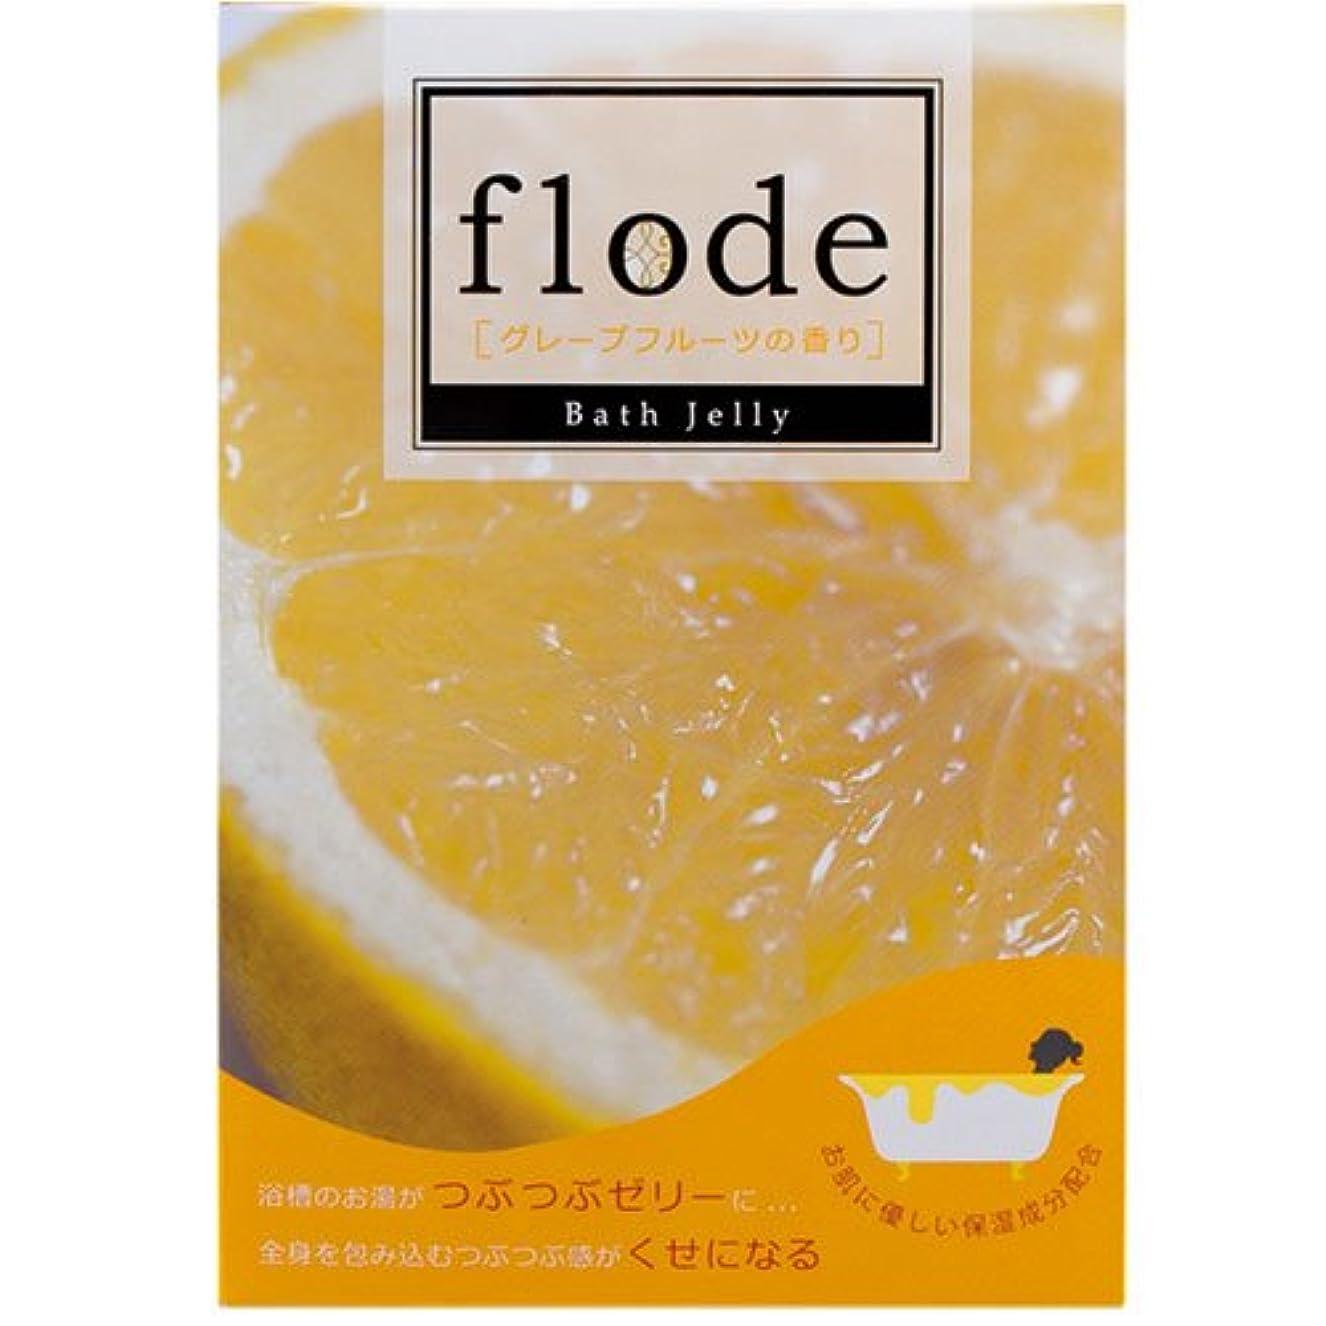 フロントピンク十代【フローデ バスゼリー グレープフルーツの香り】